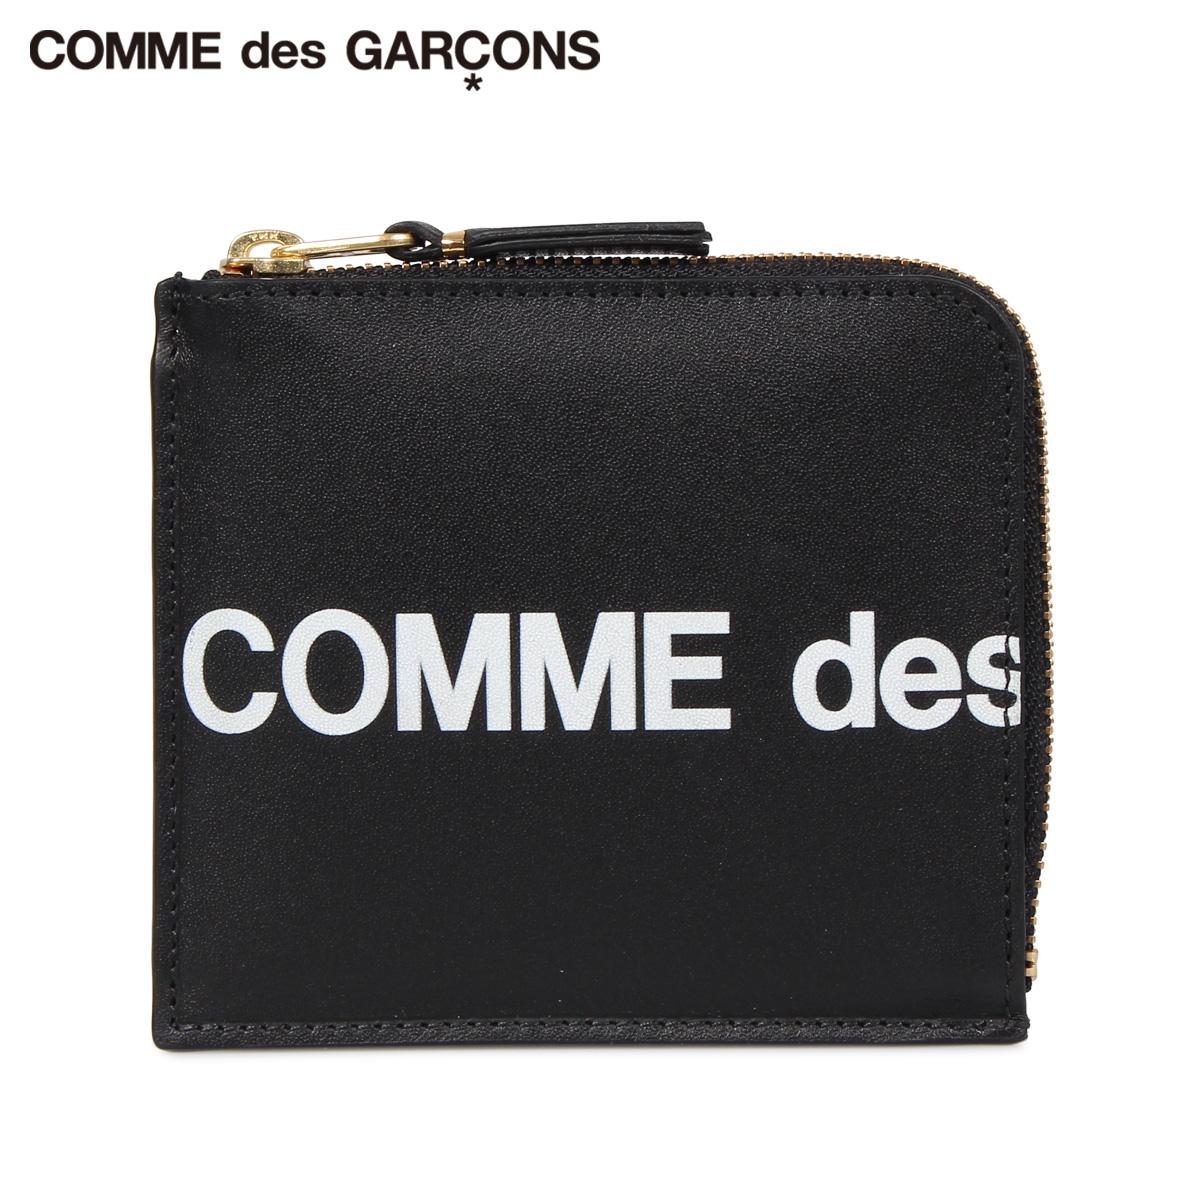 コムデギャルソン COMME des GARCONS 財布 ミニ財布 メンズ レディース L字ファスナー 本革 HUGE LOGO WALLET ブラック 黒 SA3100HL [9/9 追加入荷]